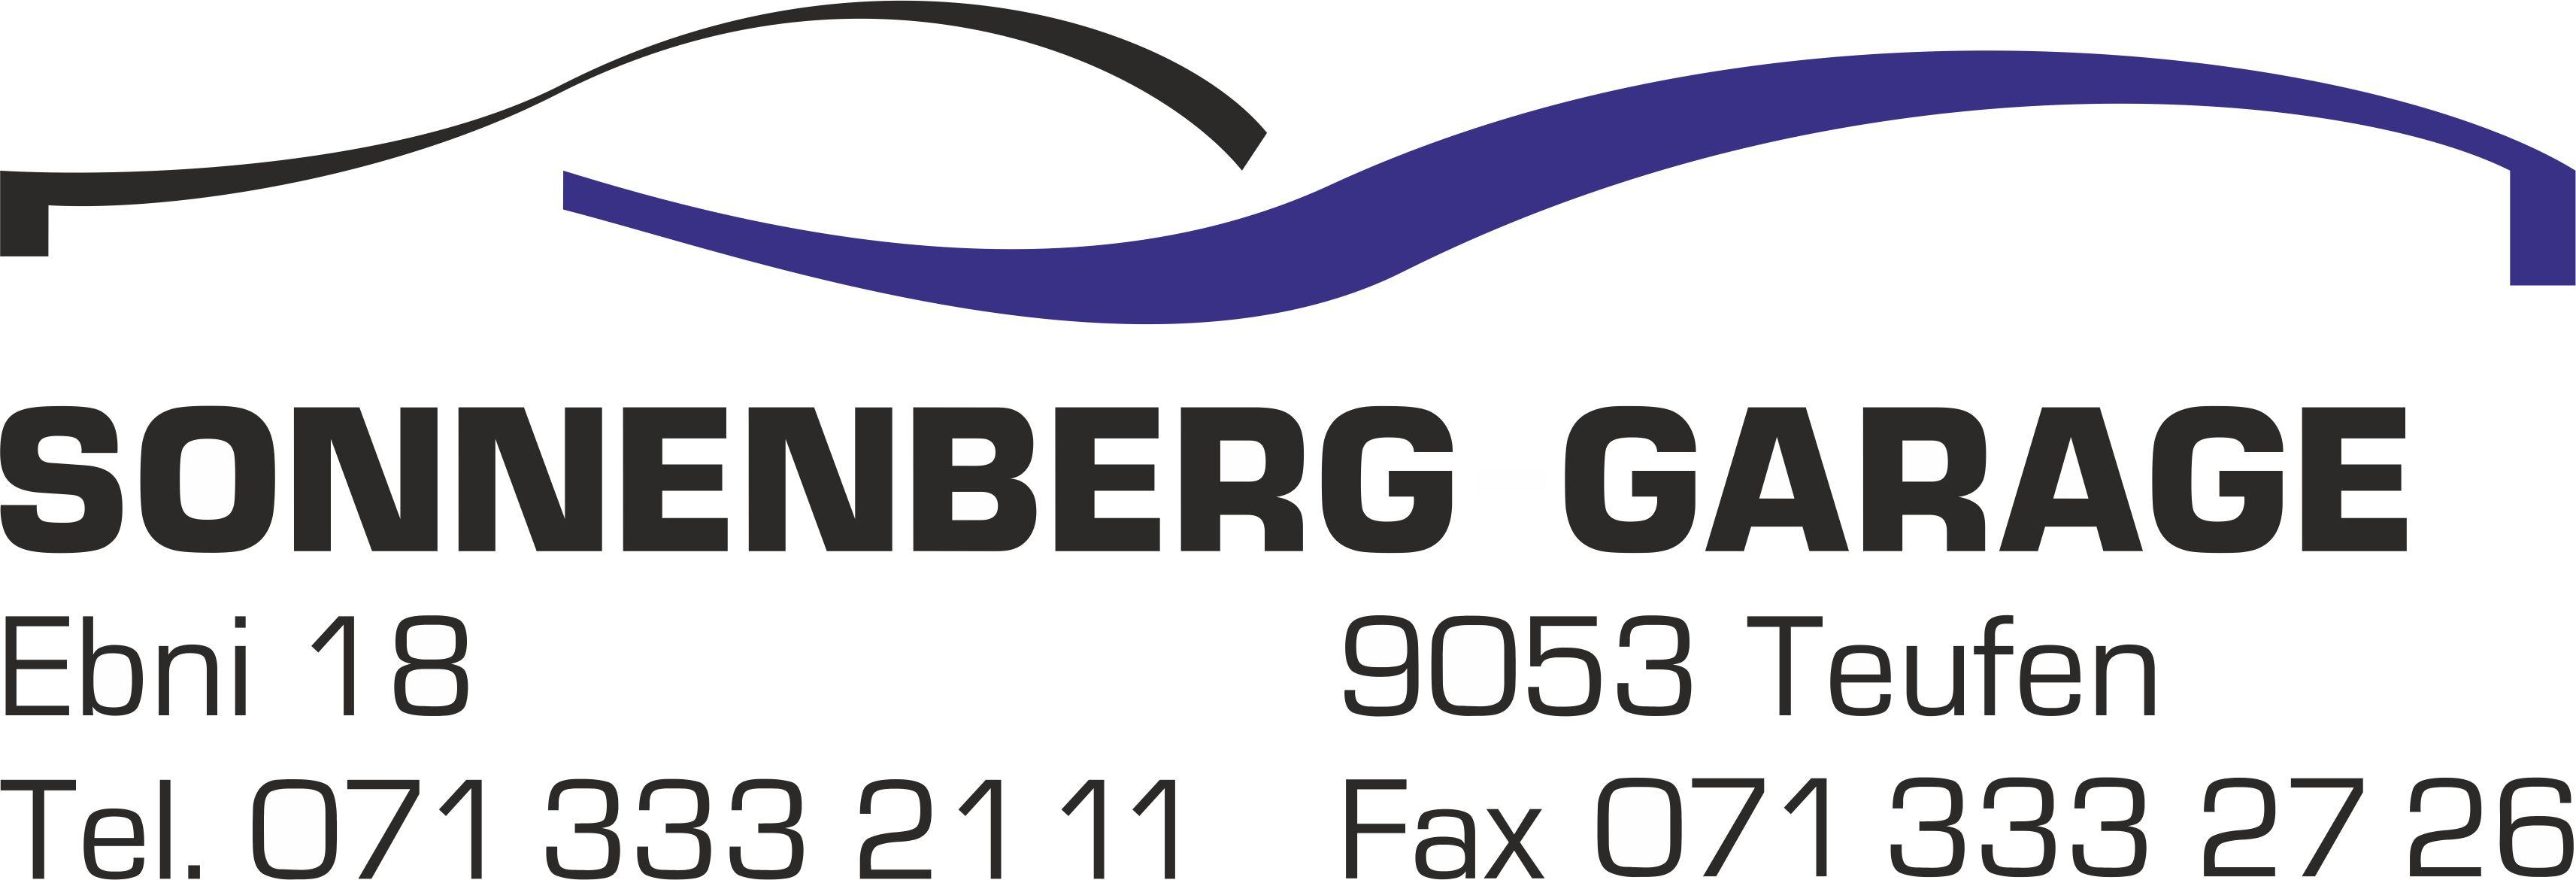 Sonnenberg Garage Teufen Logo